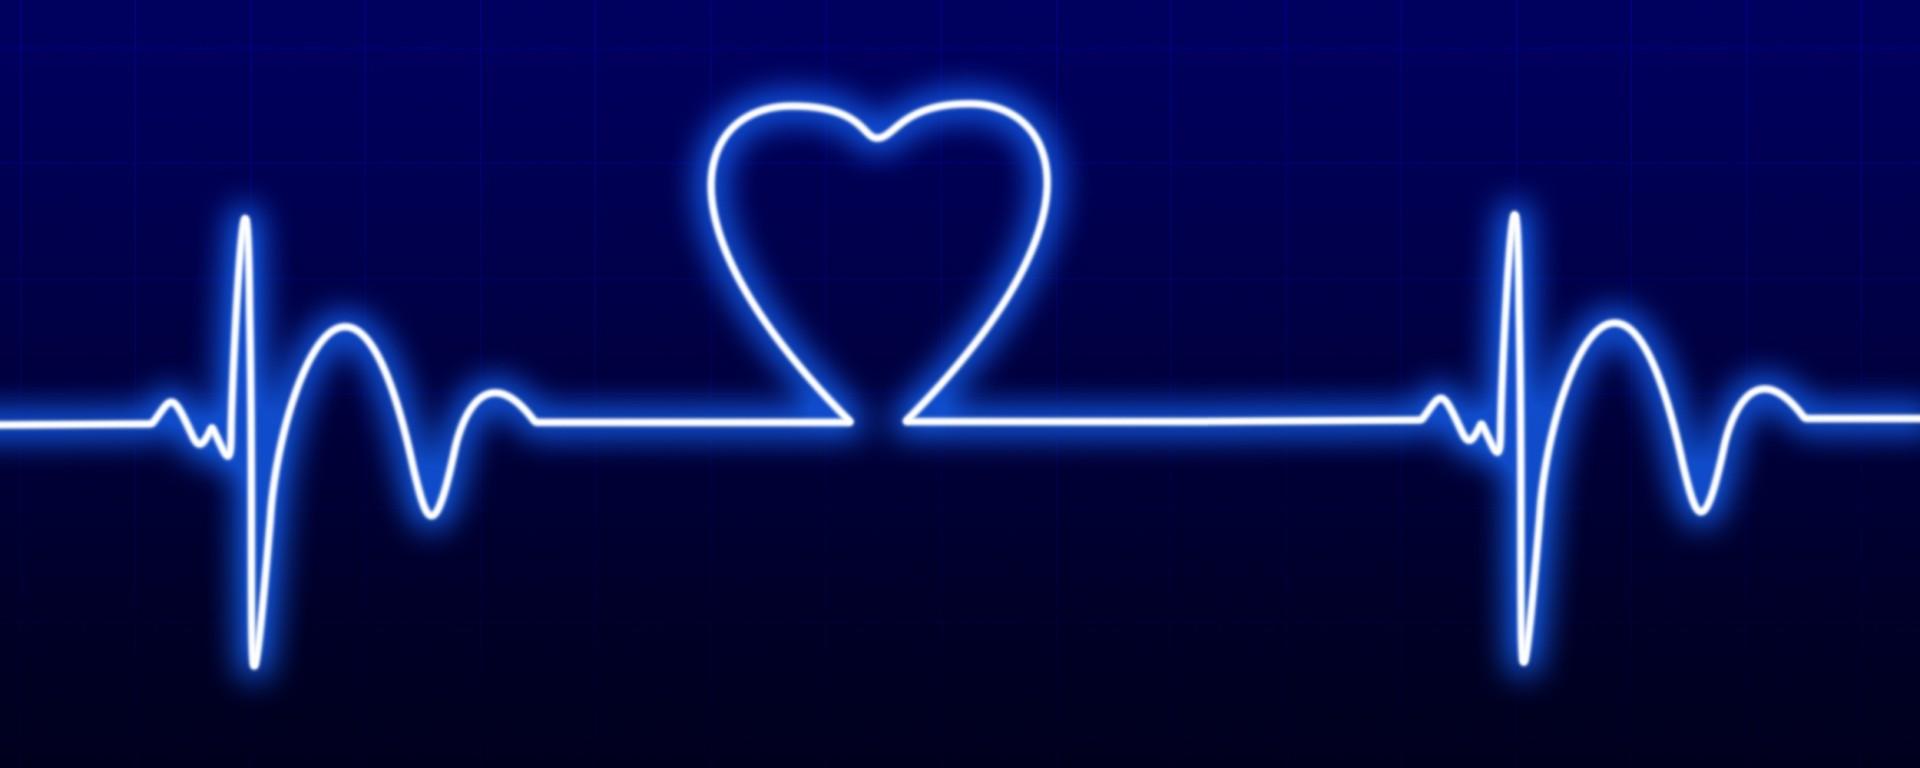 heartbeat 4